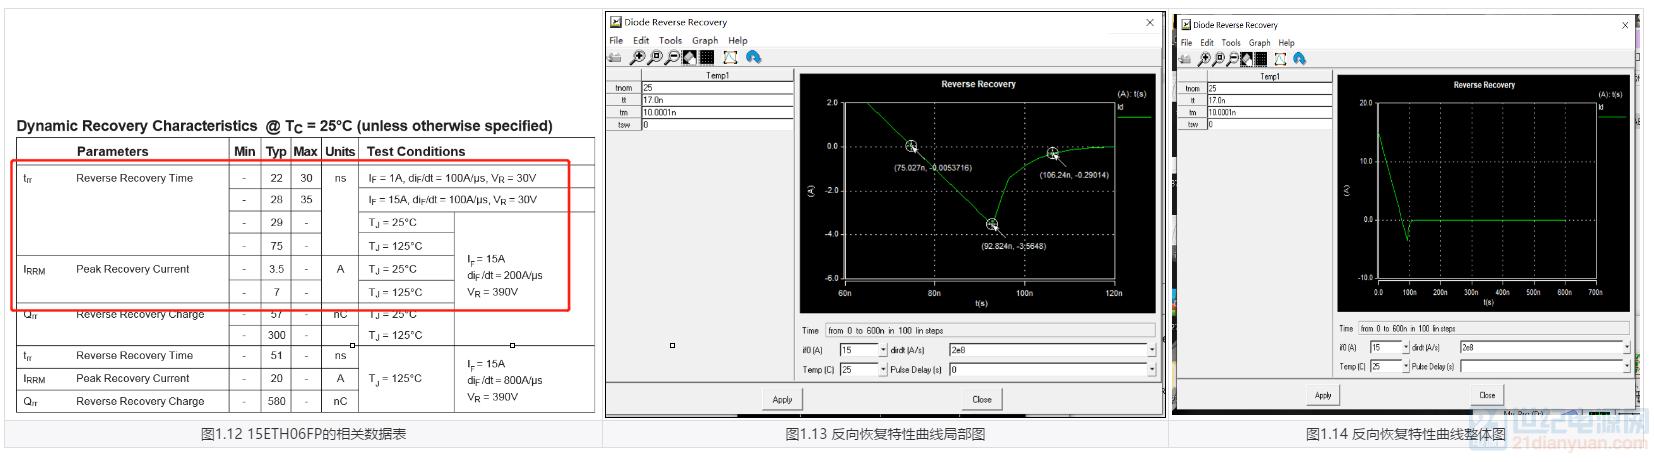 图1.13 反向恢复特性曲线局部图.png